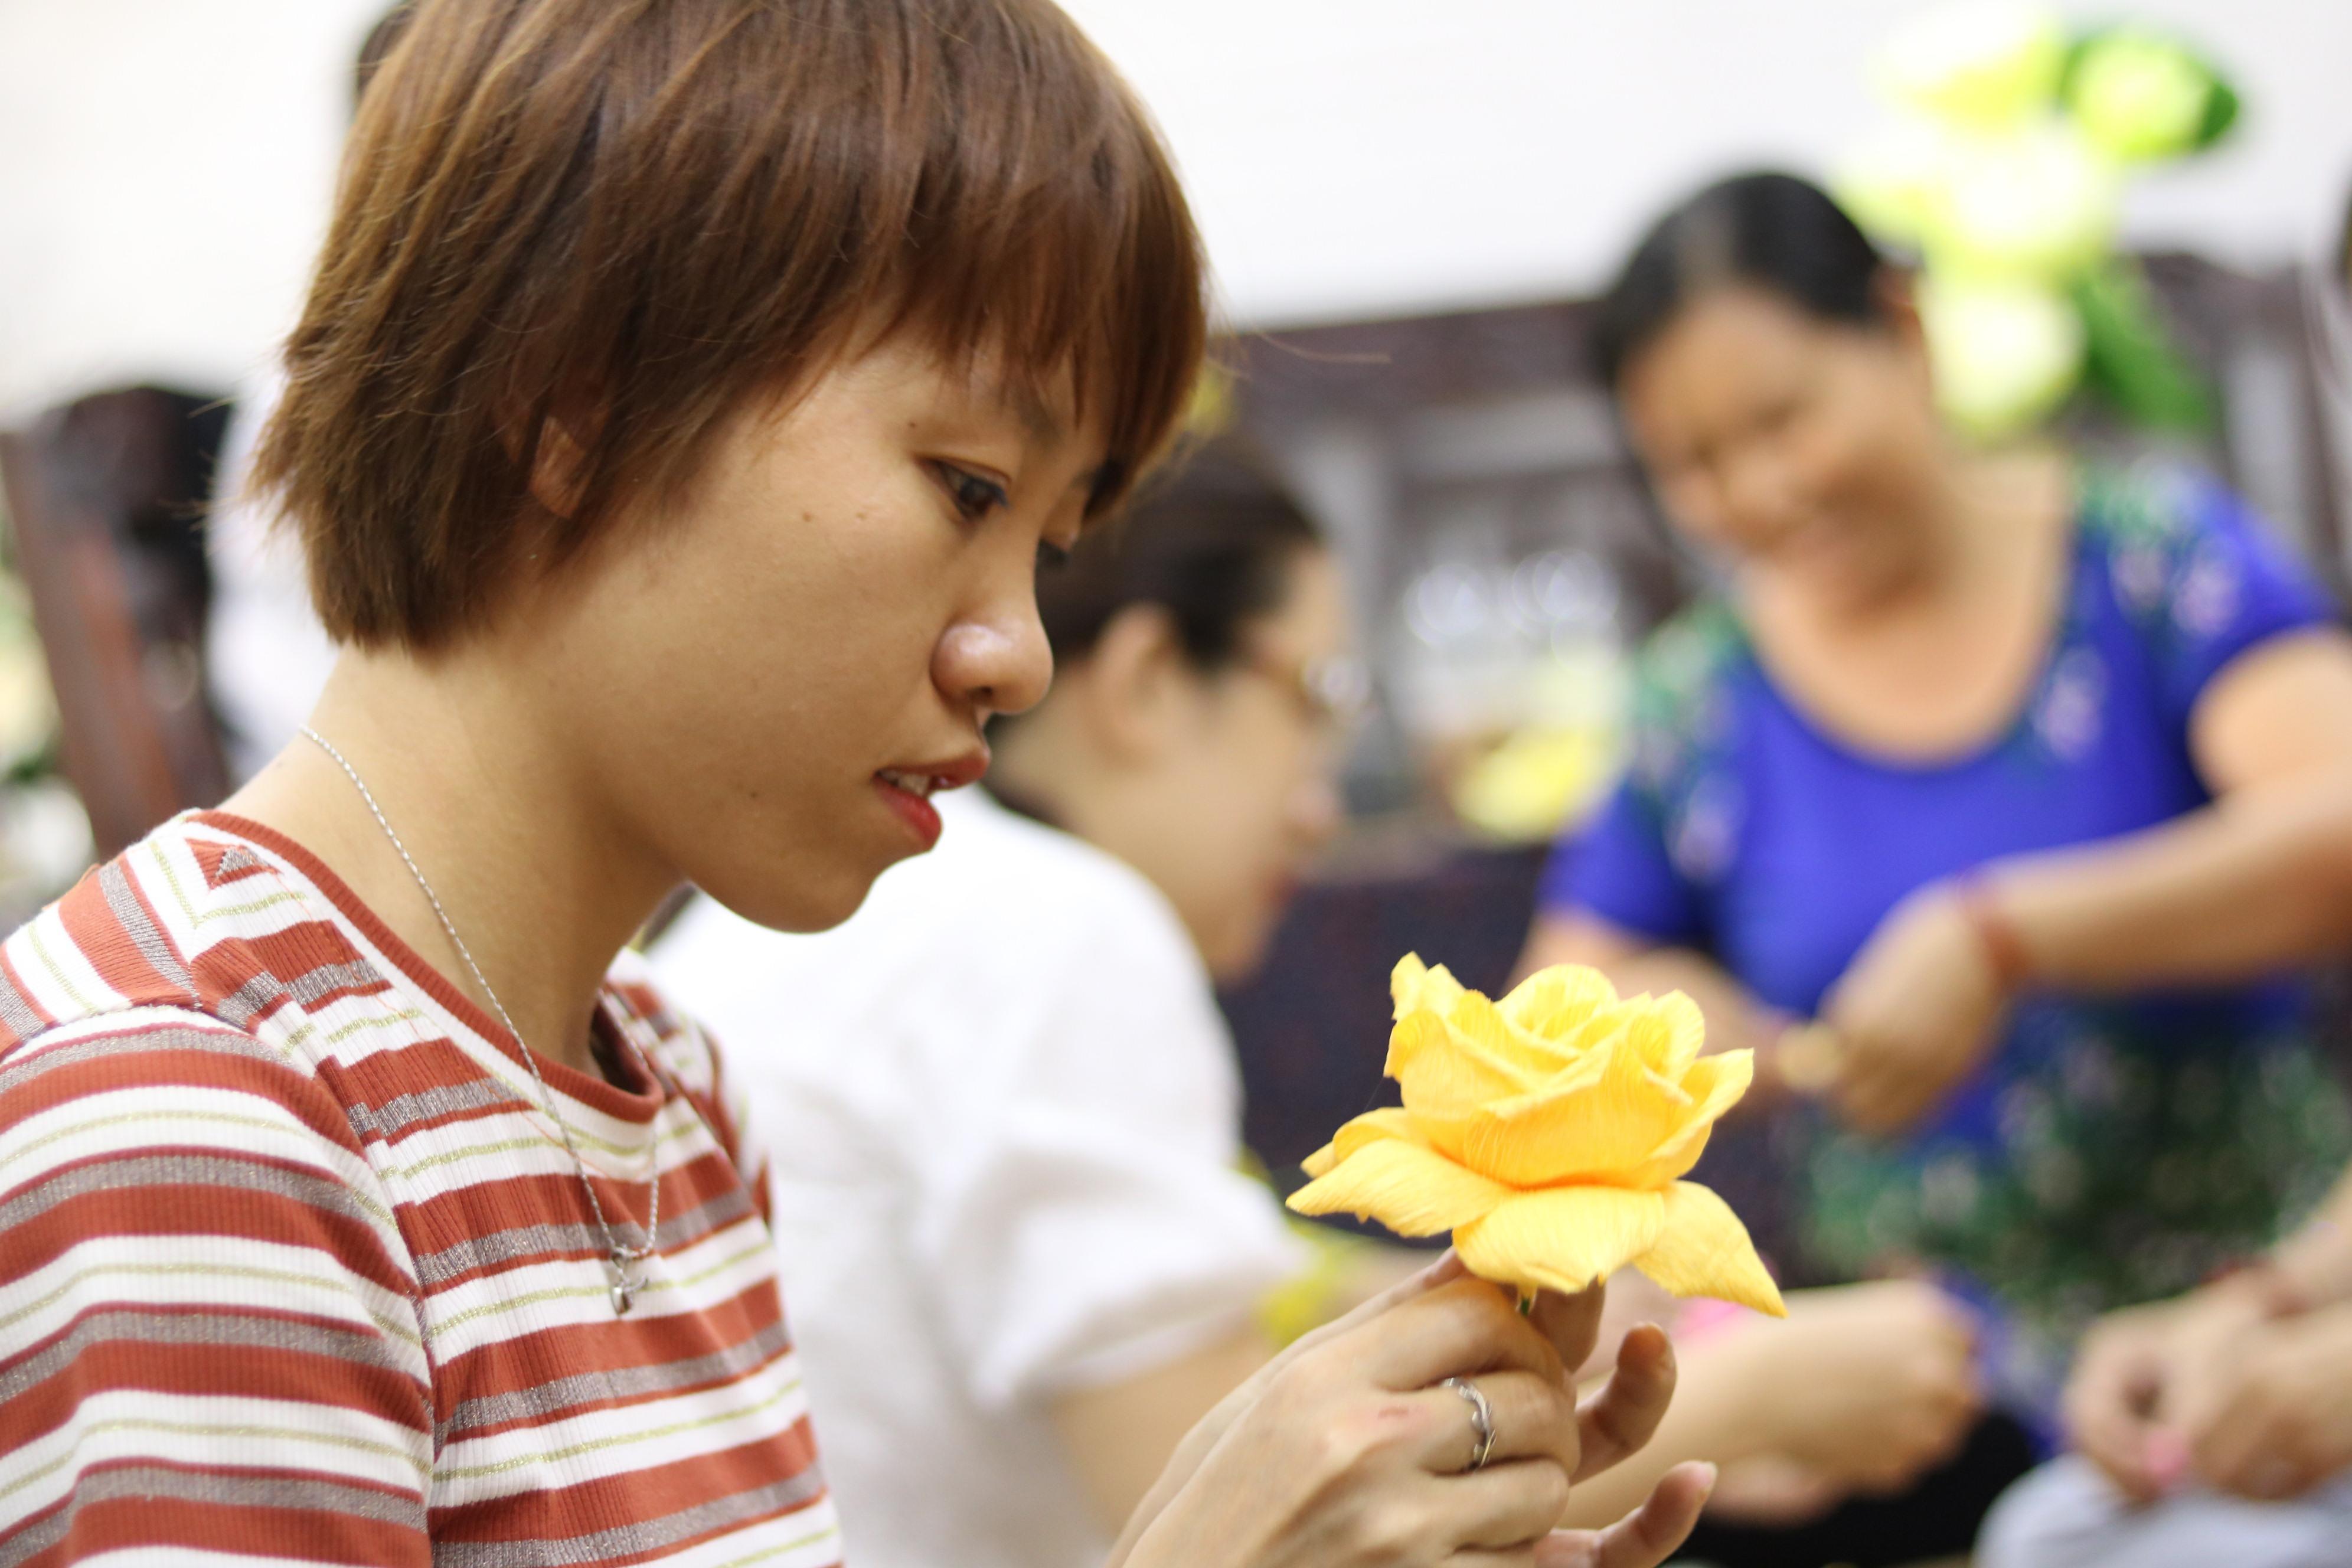 Chị Nguyễn Thị Thơm, người hướng dẫn cán bộ, hội viên phụ nữ phường Linh Đông làm hoa giấy cho biết, cần tỉ mỉ, cẩn thận và thêm một chút khéo léo